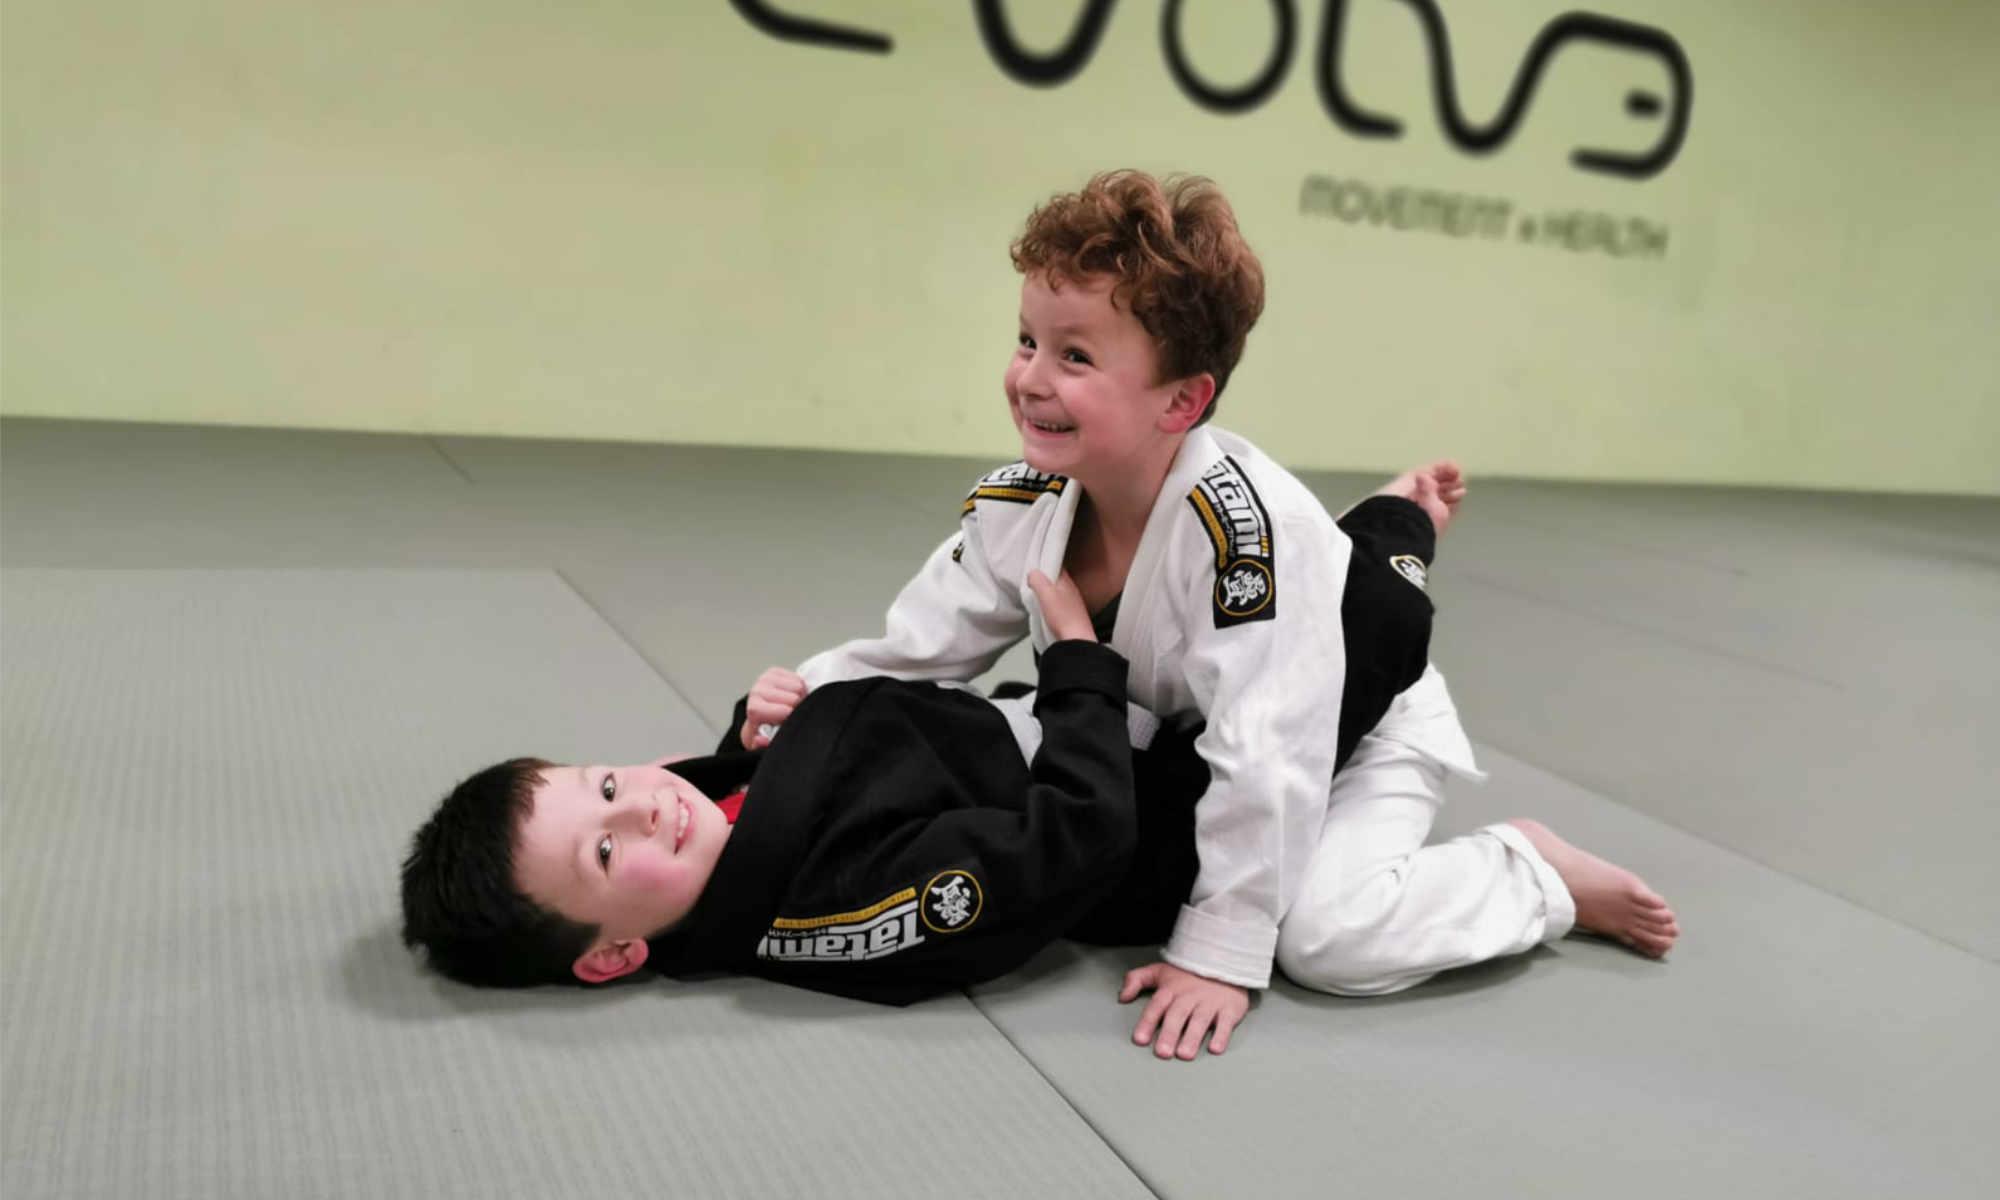 Braziliaans jiu jitsu voor kinderen